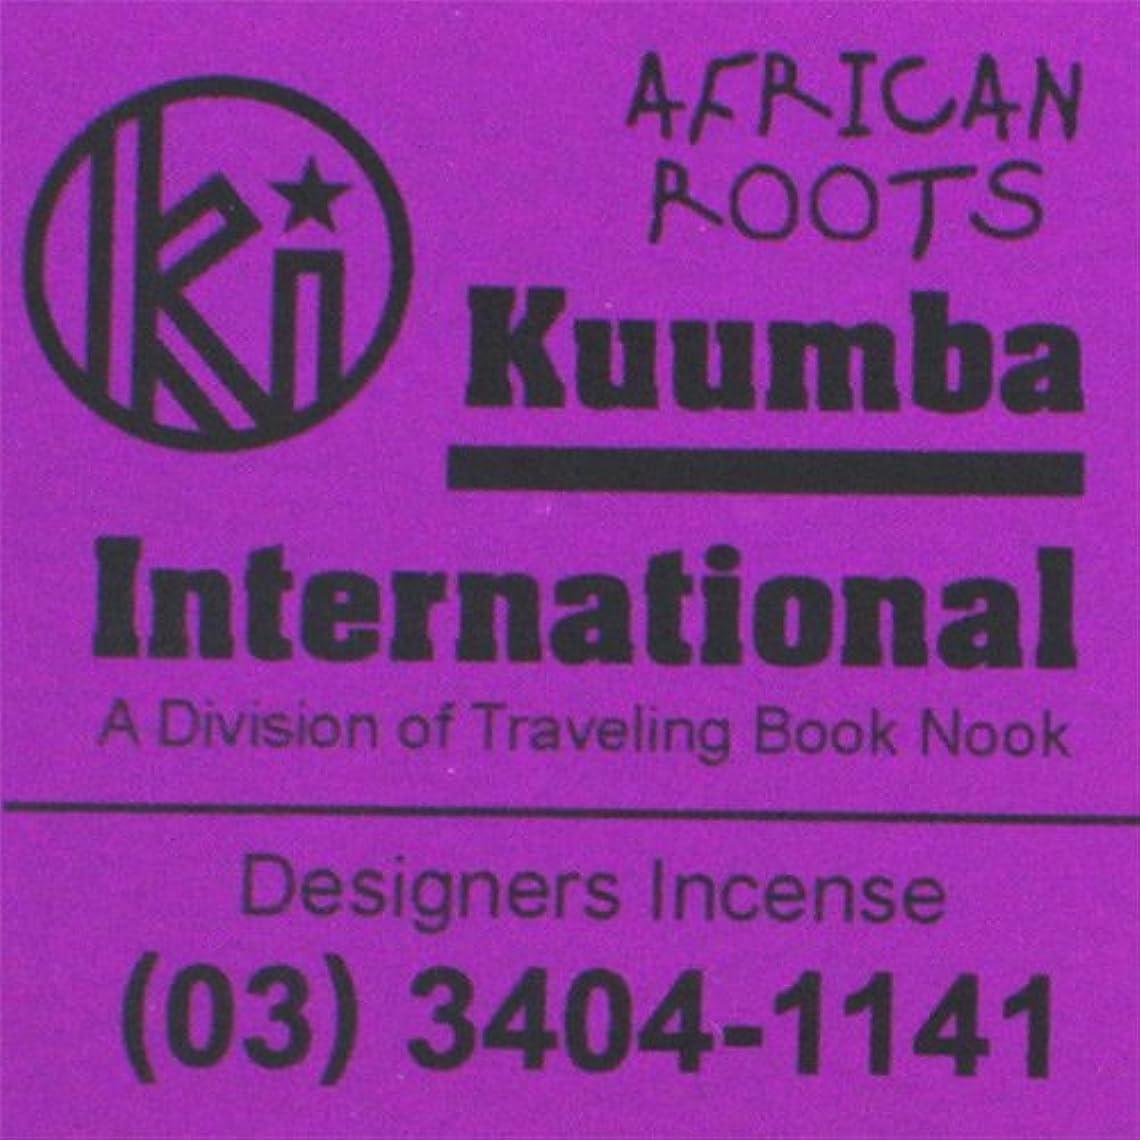 北東十年マダムKUUMBA / クンバ『incense』(AFRICAN ROOTS) (Regular size)